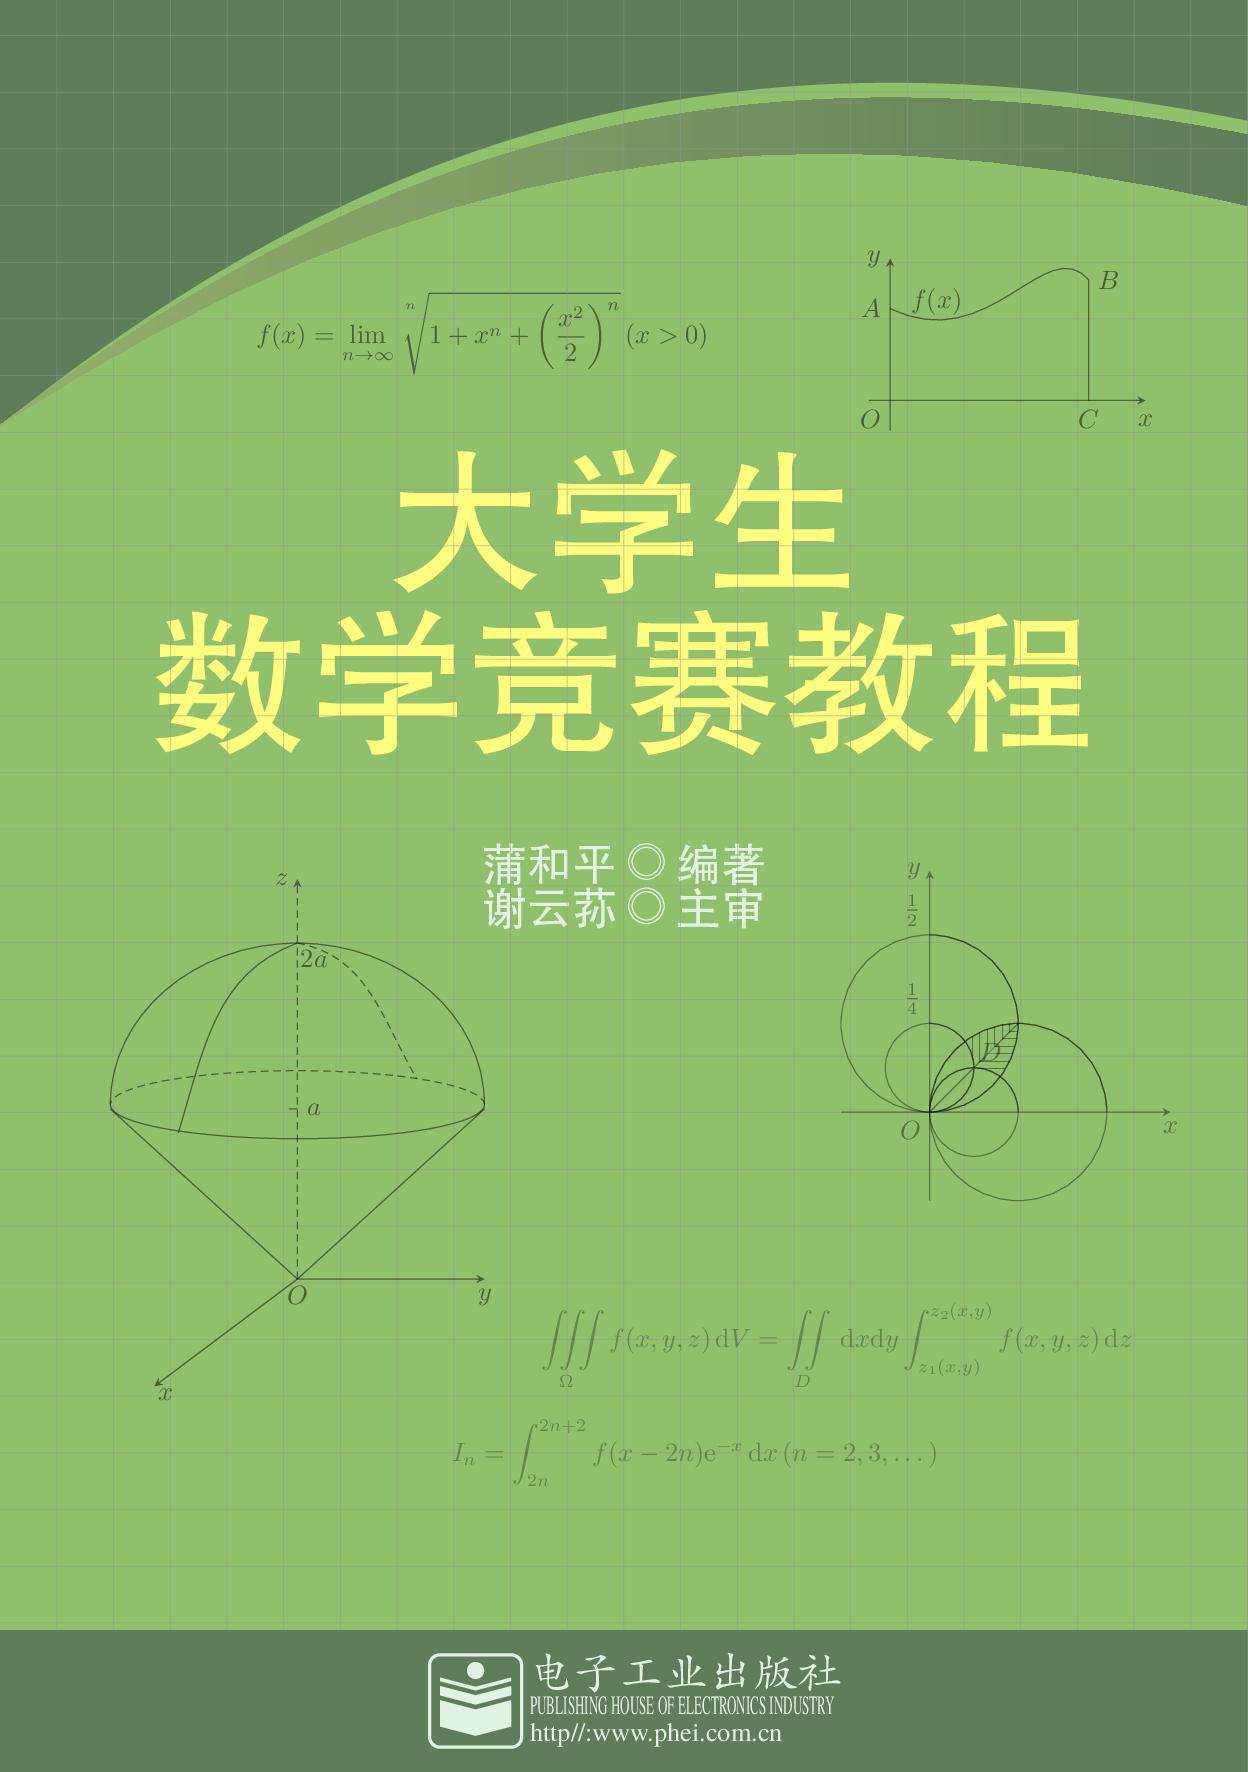 用 TiKZ 重新设计蒲和平大学生数学竞赛教程封面 - 向老师